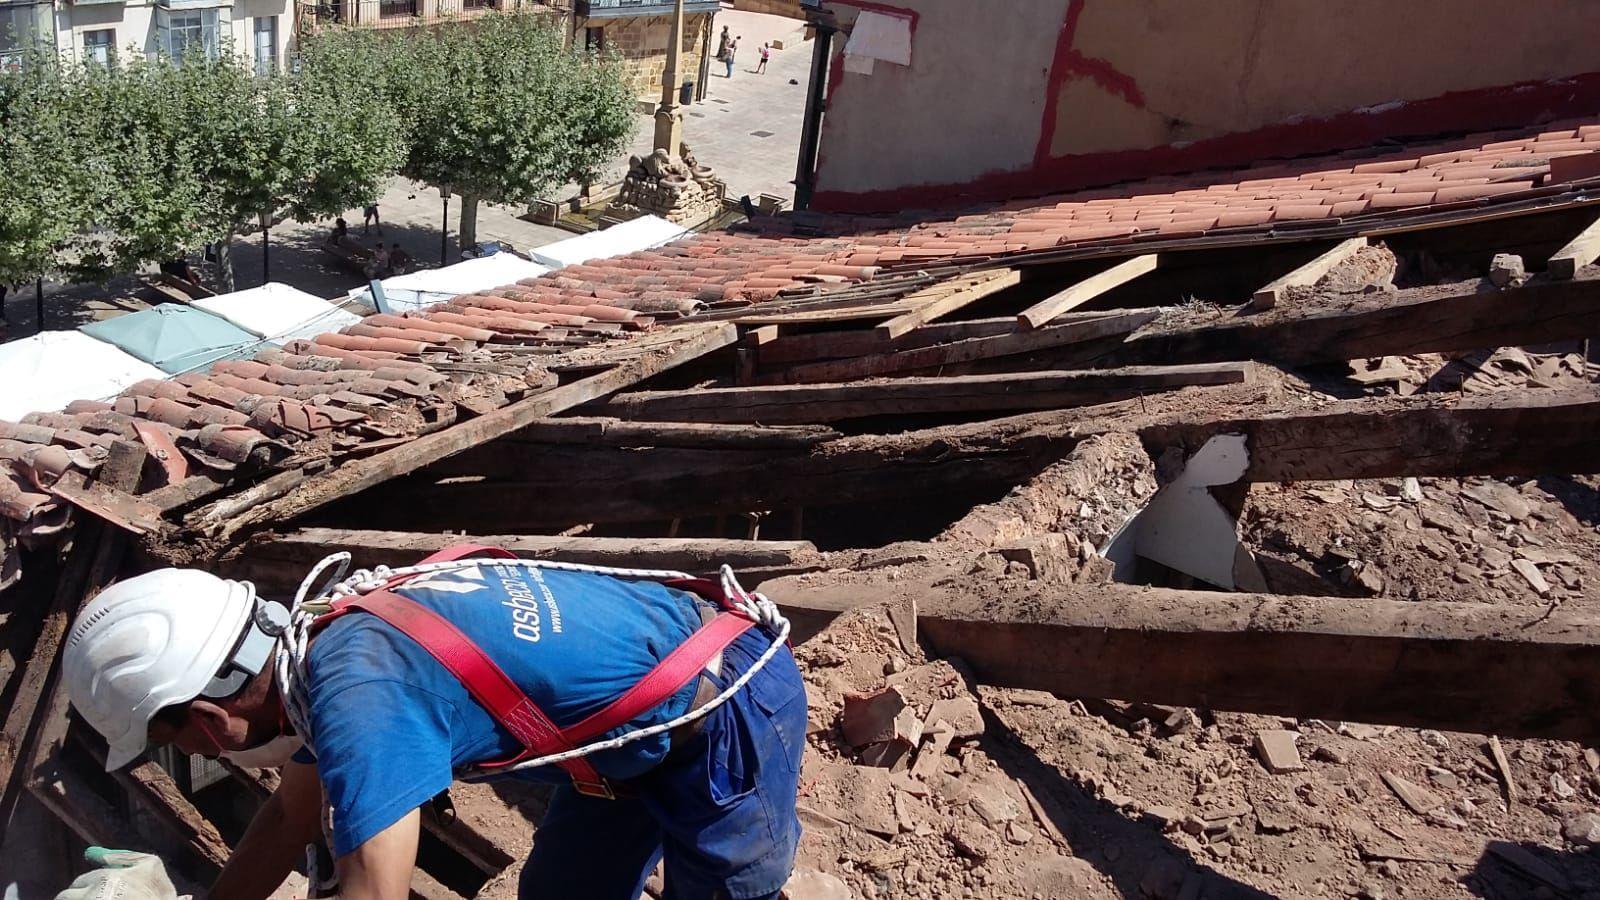 Desmontajes Industriales: Servicios de Reciclados y Derribos del Norte Rioja